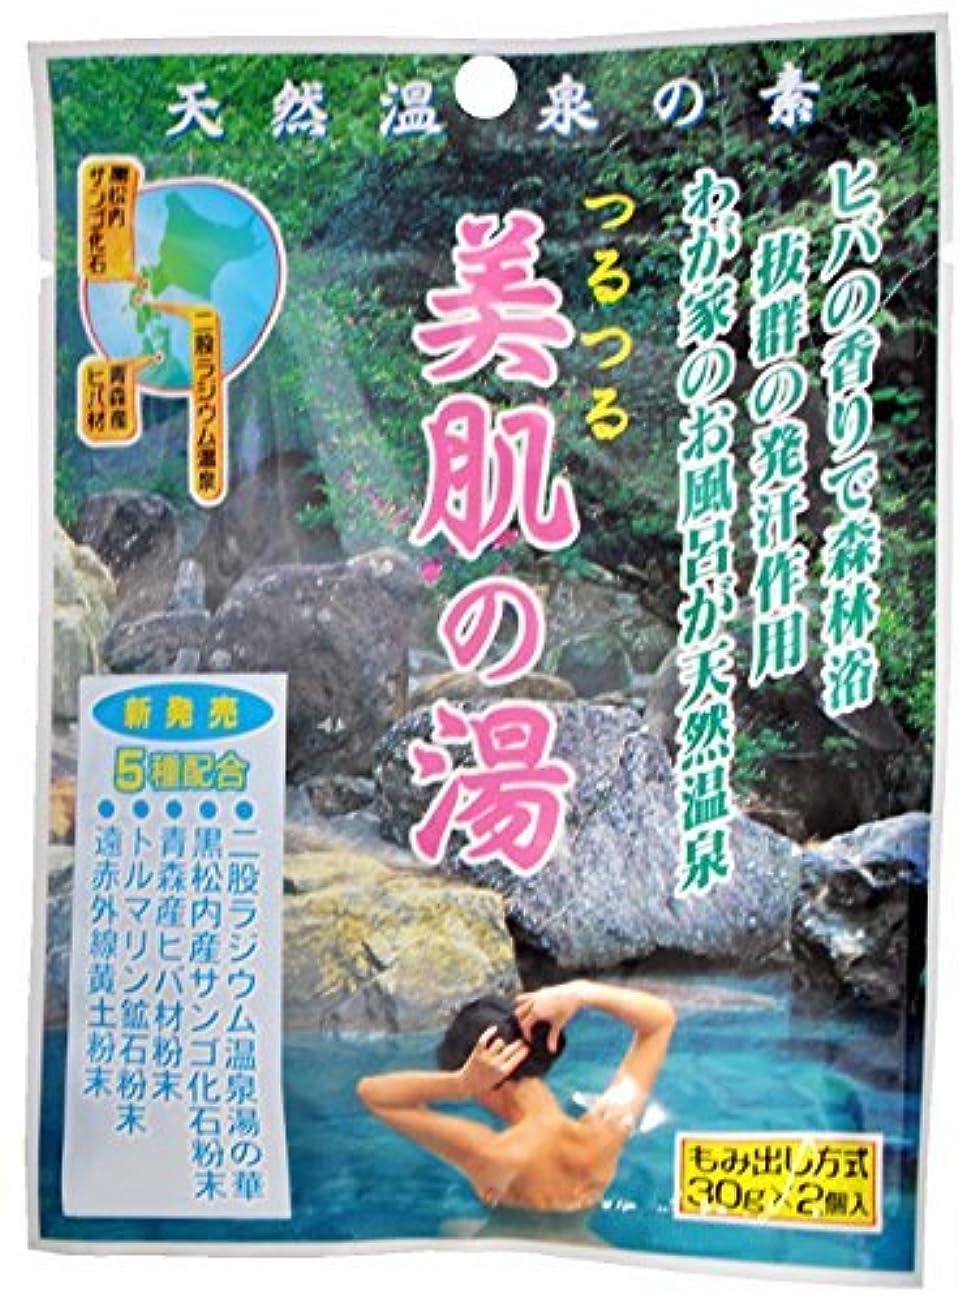 精算怠感たっぷり【まとめ買い】天然成分入浴剤 つるつる 美肌の湯 2袋入 二股ラジウム温泉の湯の華 ×4個